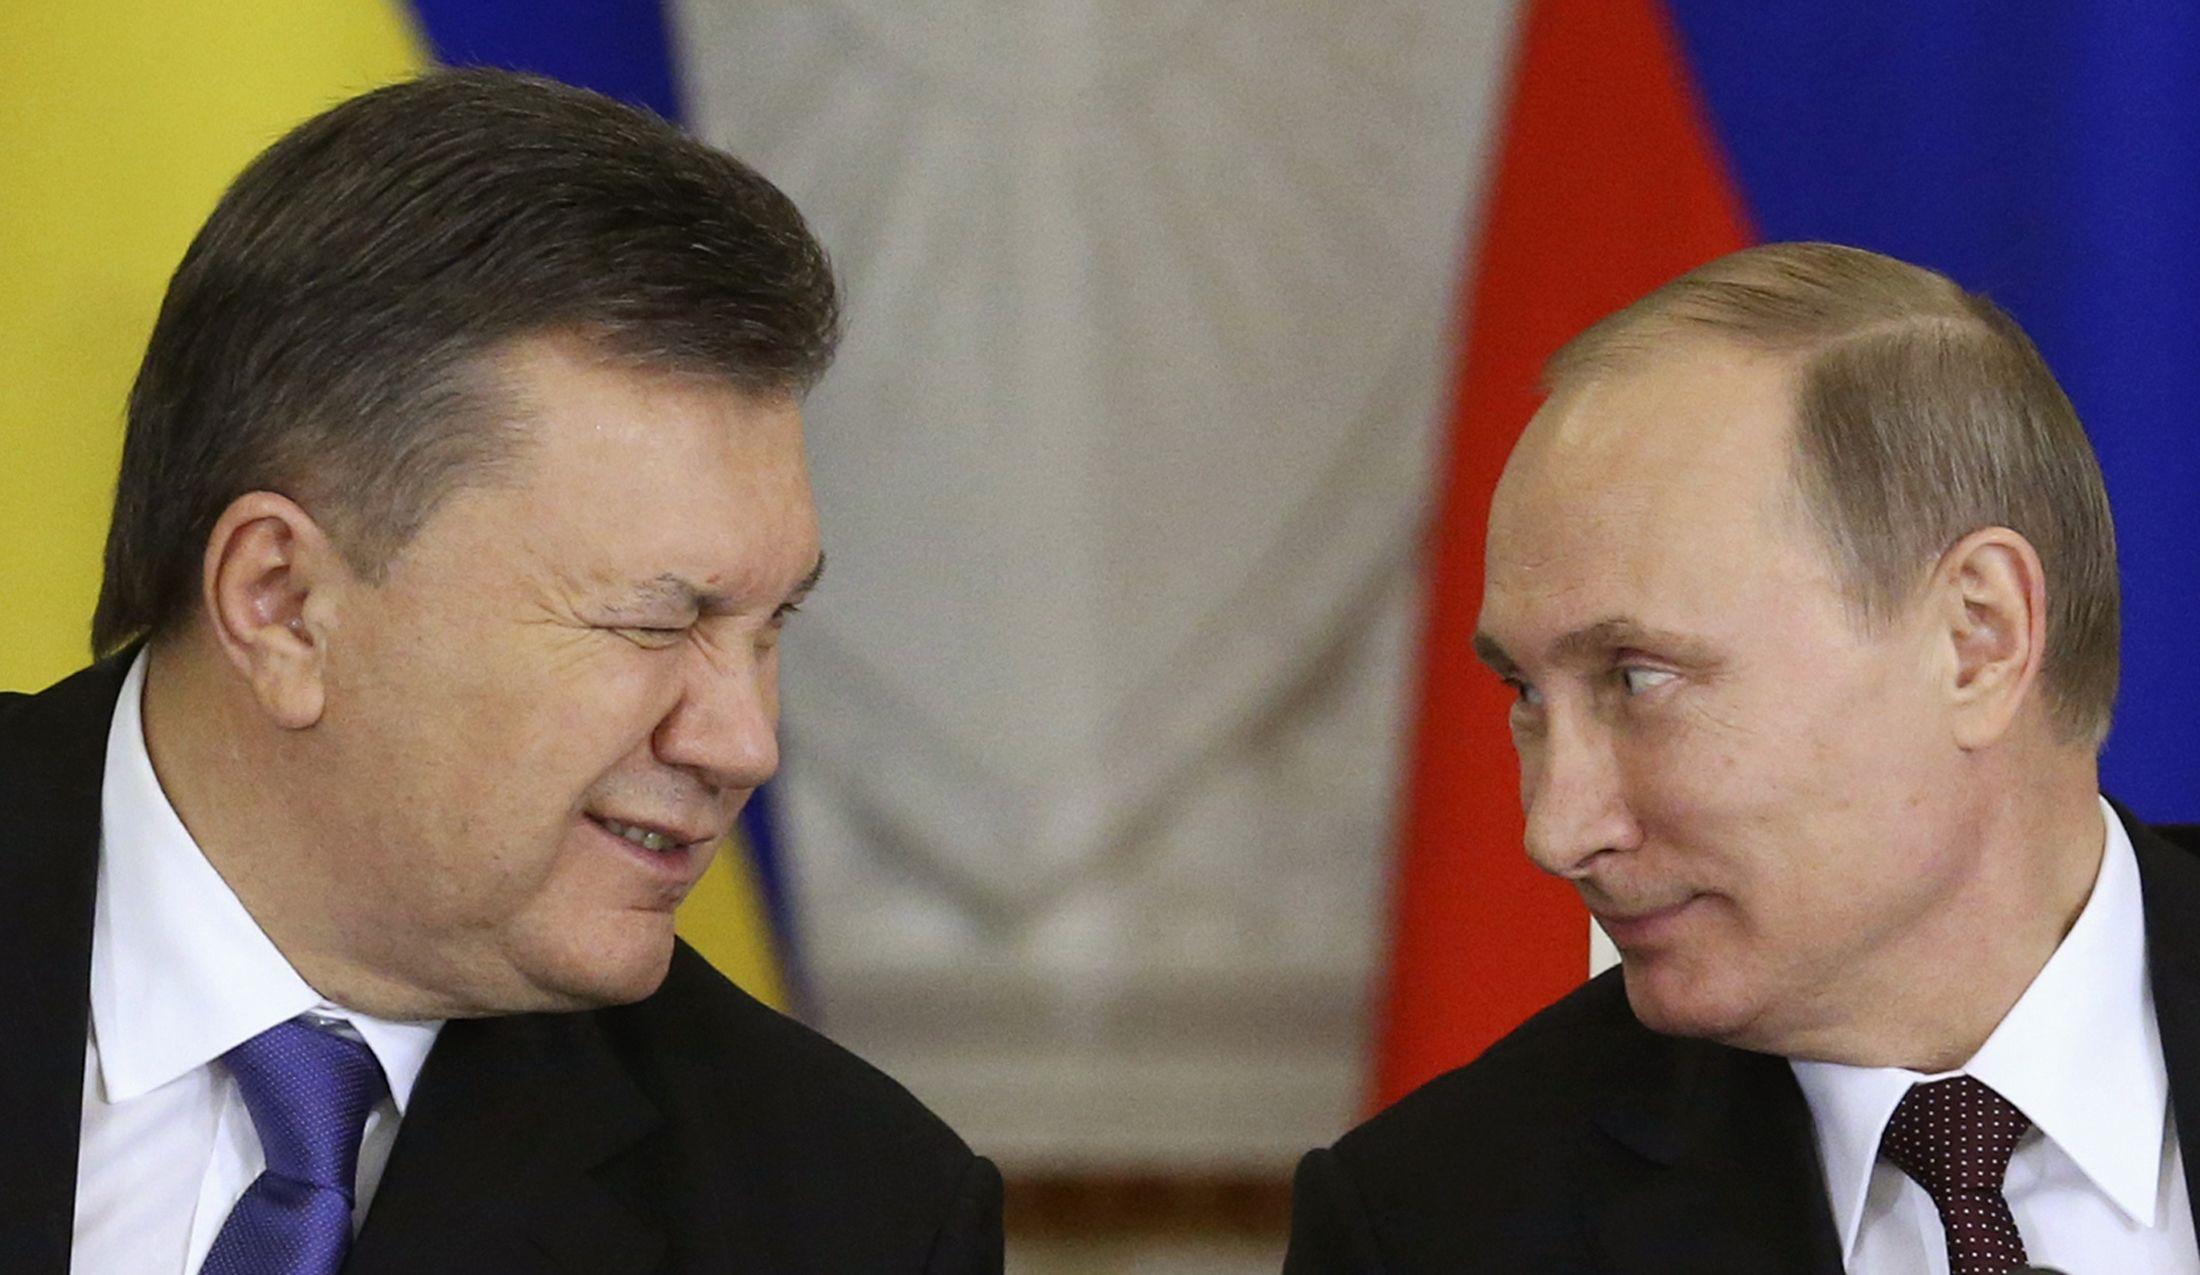 05_22_Ukraine_Assets_01